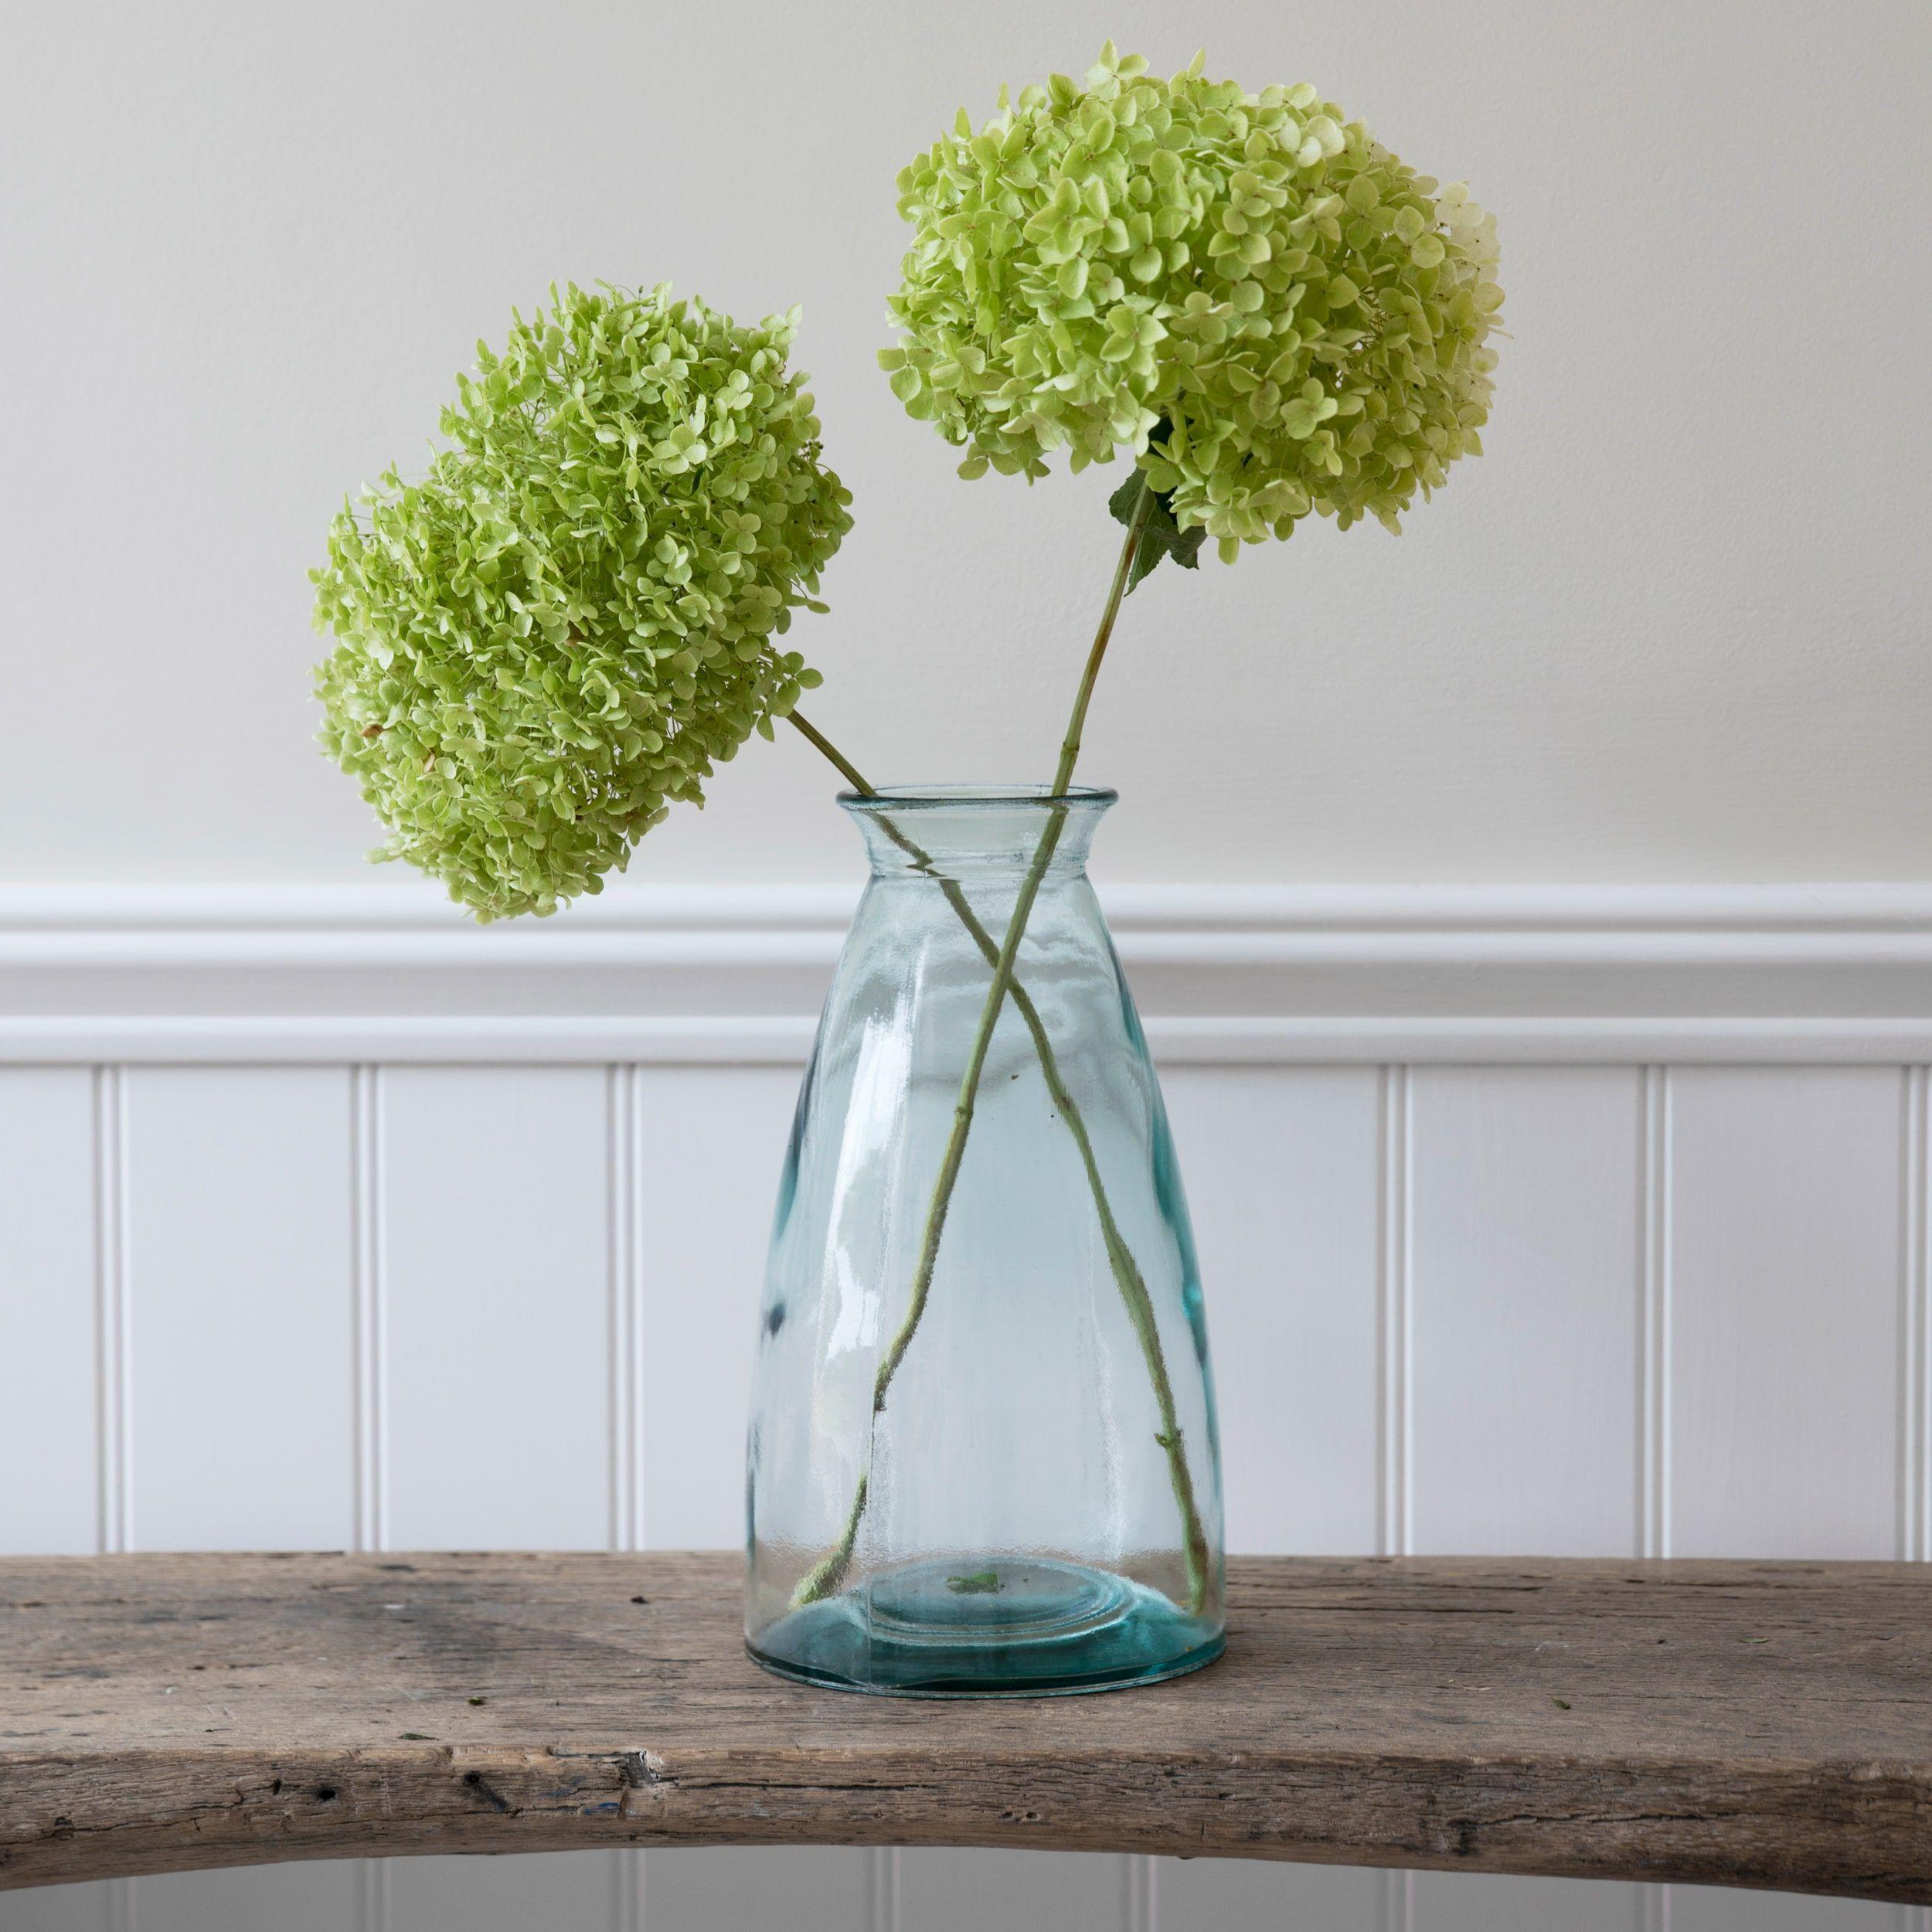 Buy Wells Flower Vase From Garden Trading Here At Garden Trading